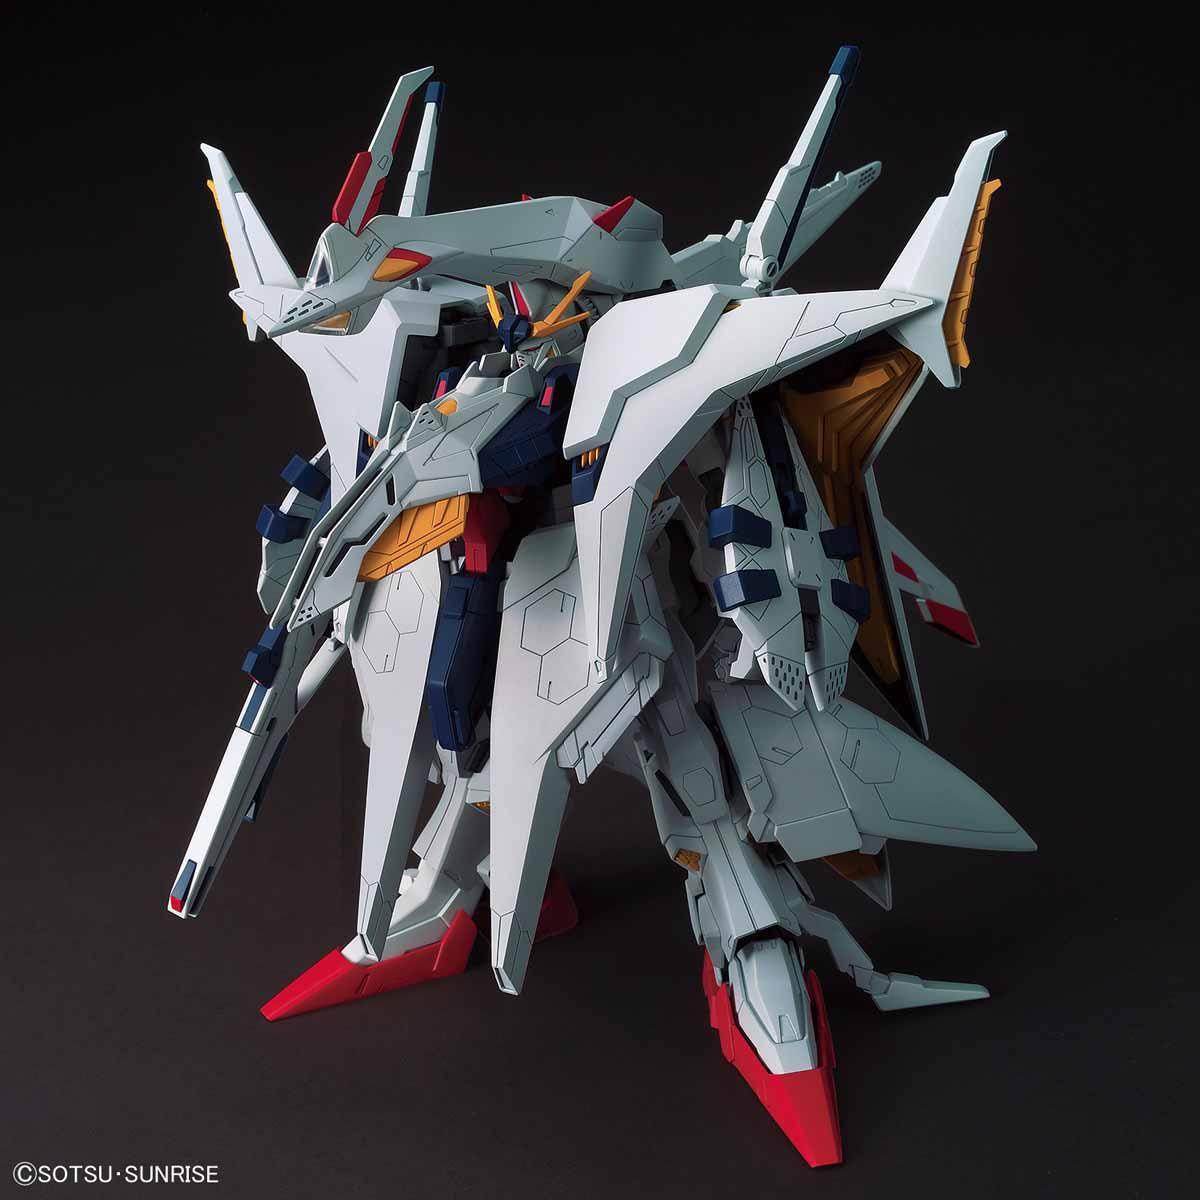 【再販】HGUC 1/144『ペーネロペー』機動戦士ガンダム 閃光のハサウェイ プラモデル-001